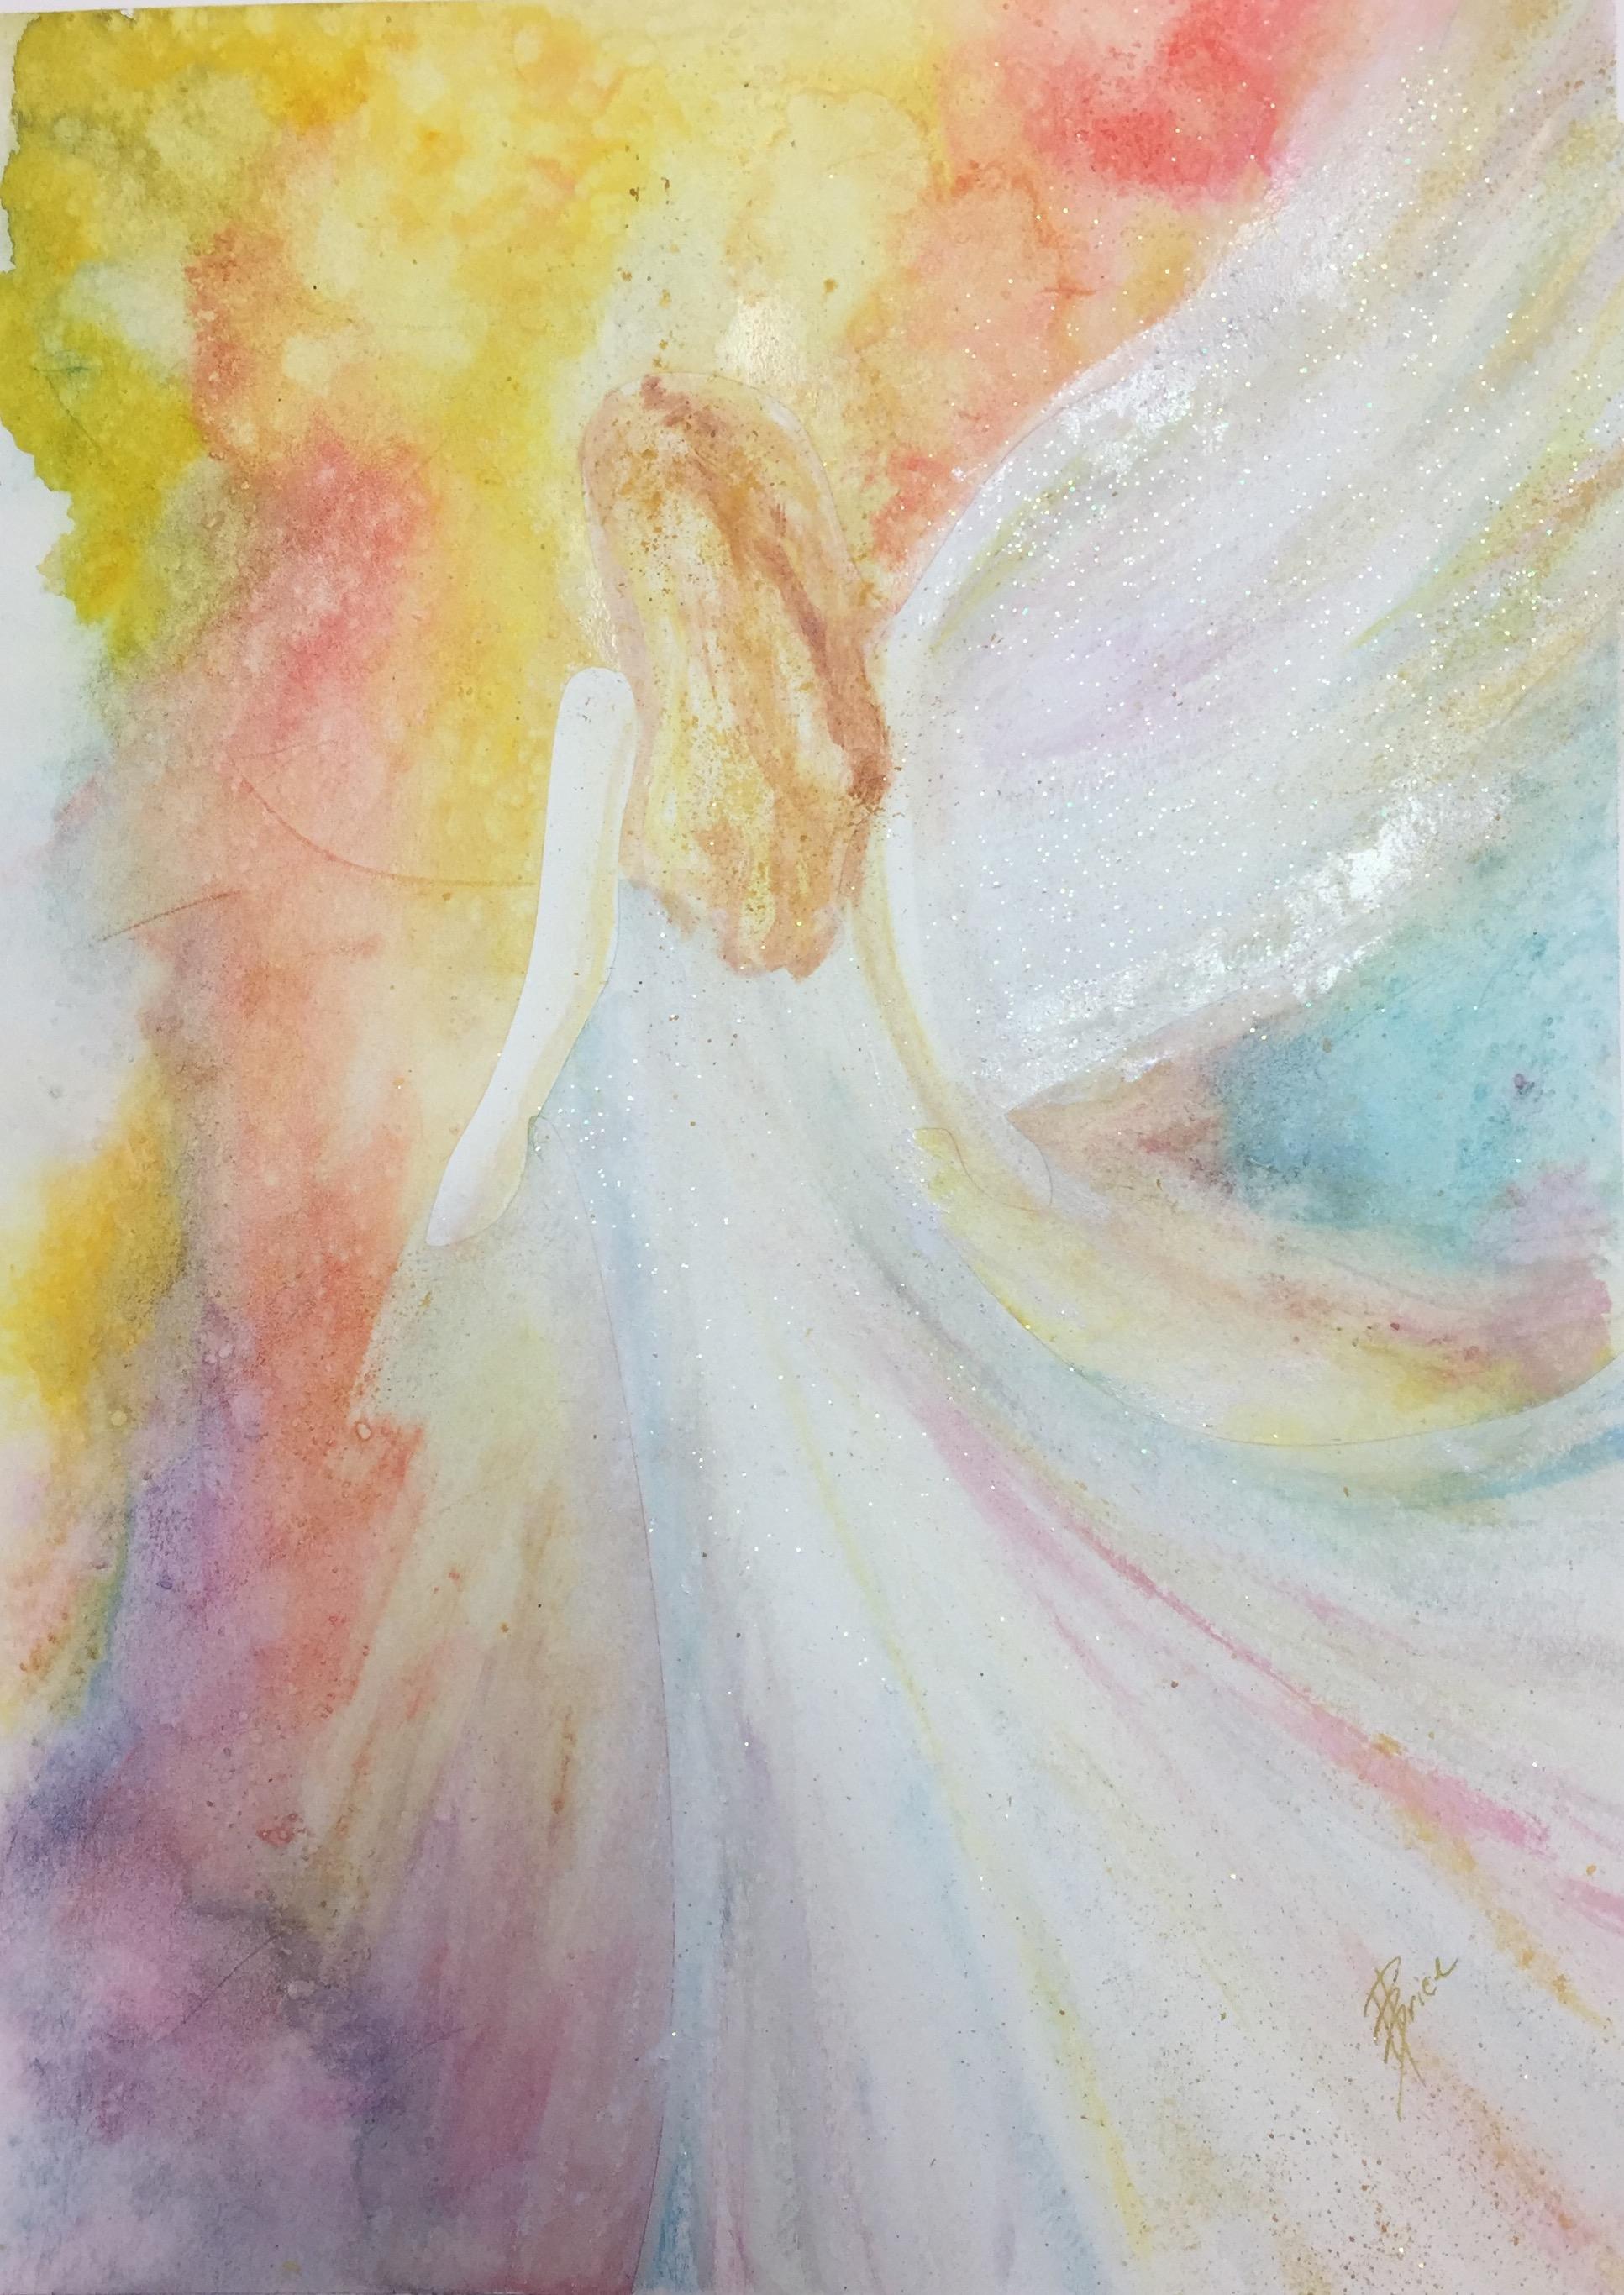 Angels Among Us - Portrait